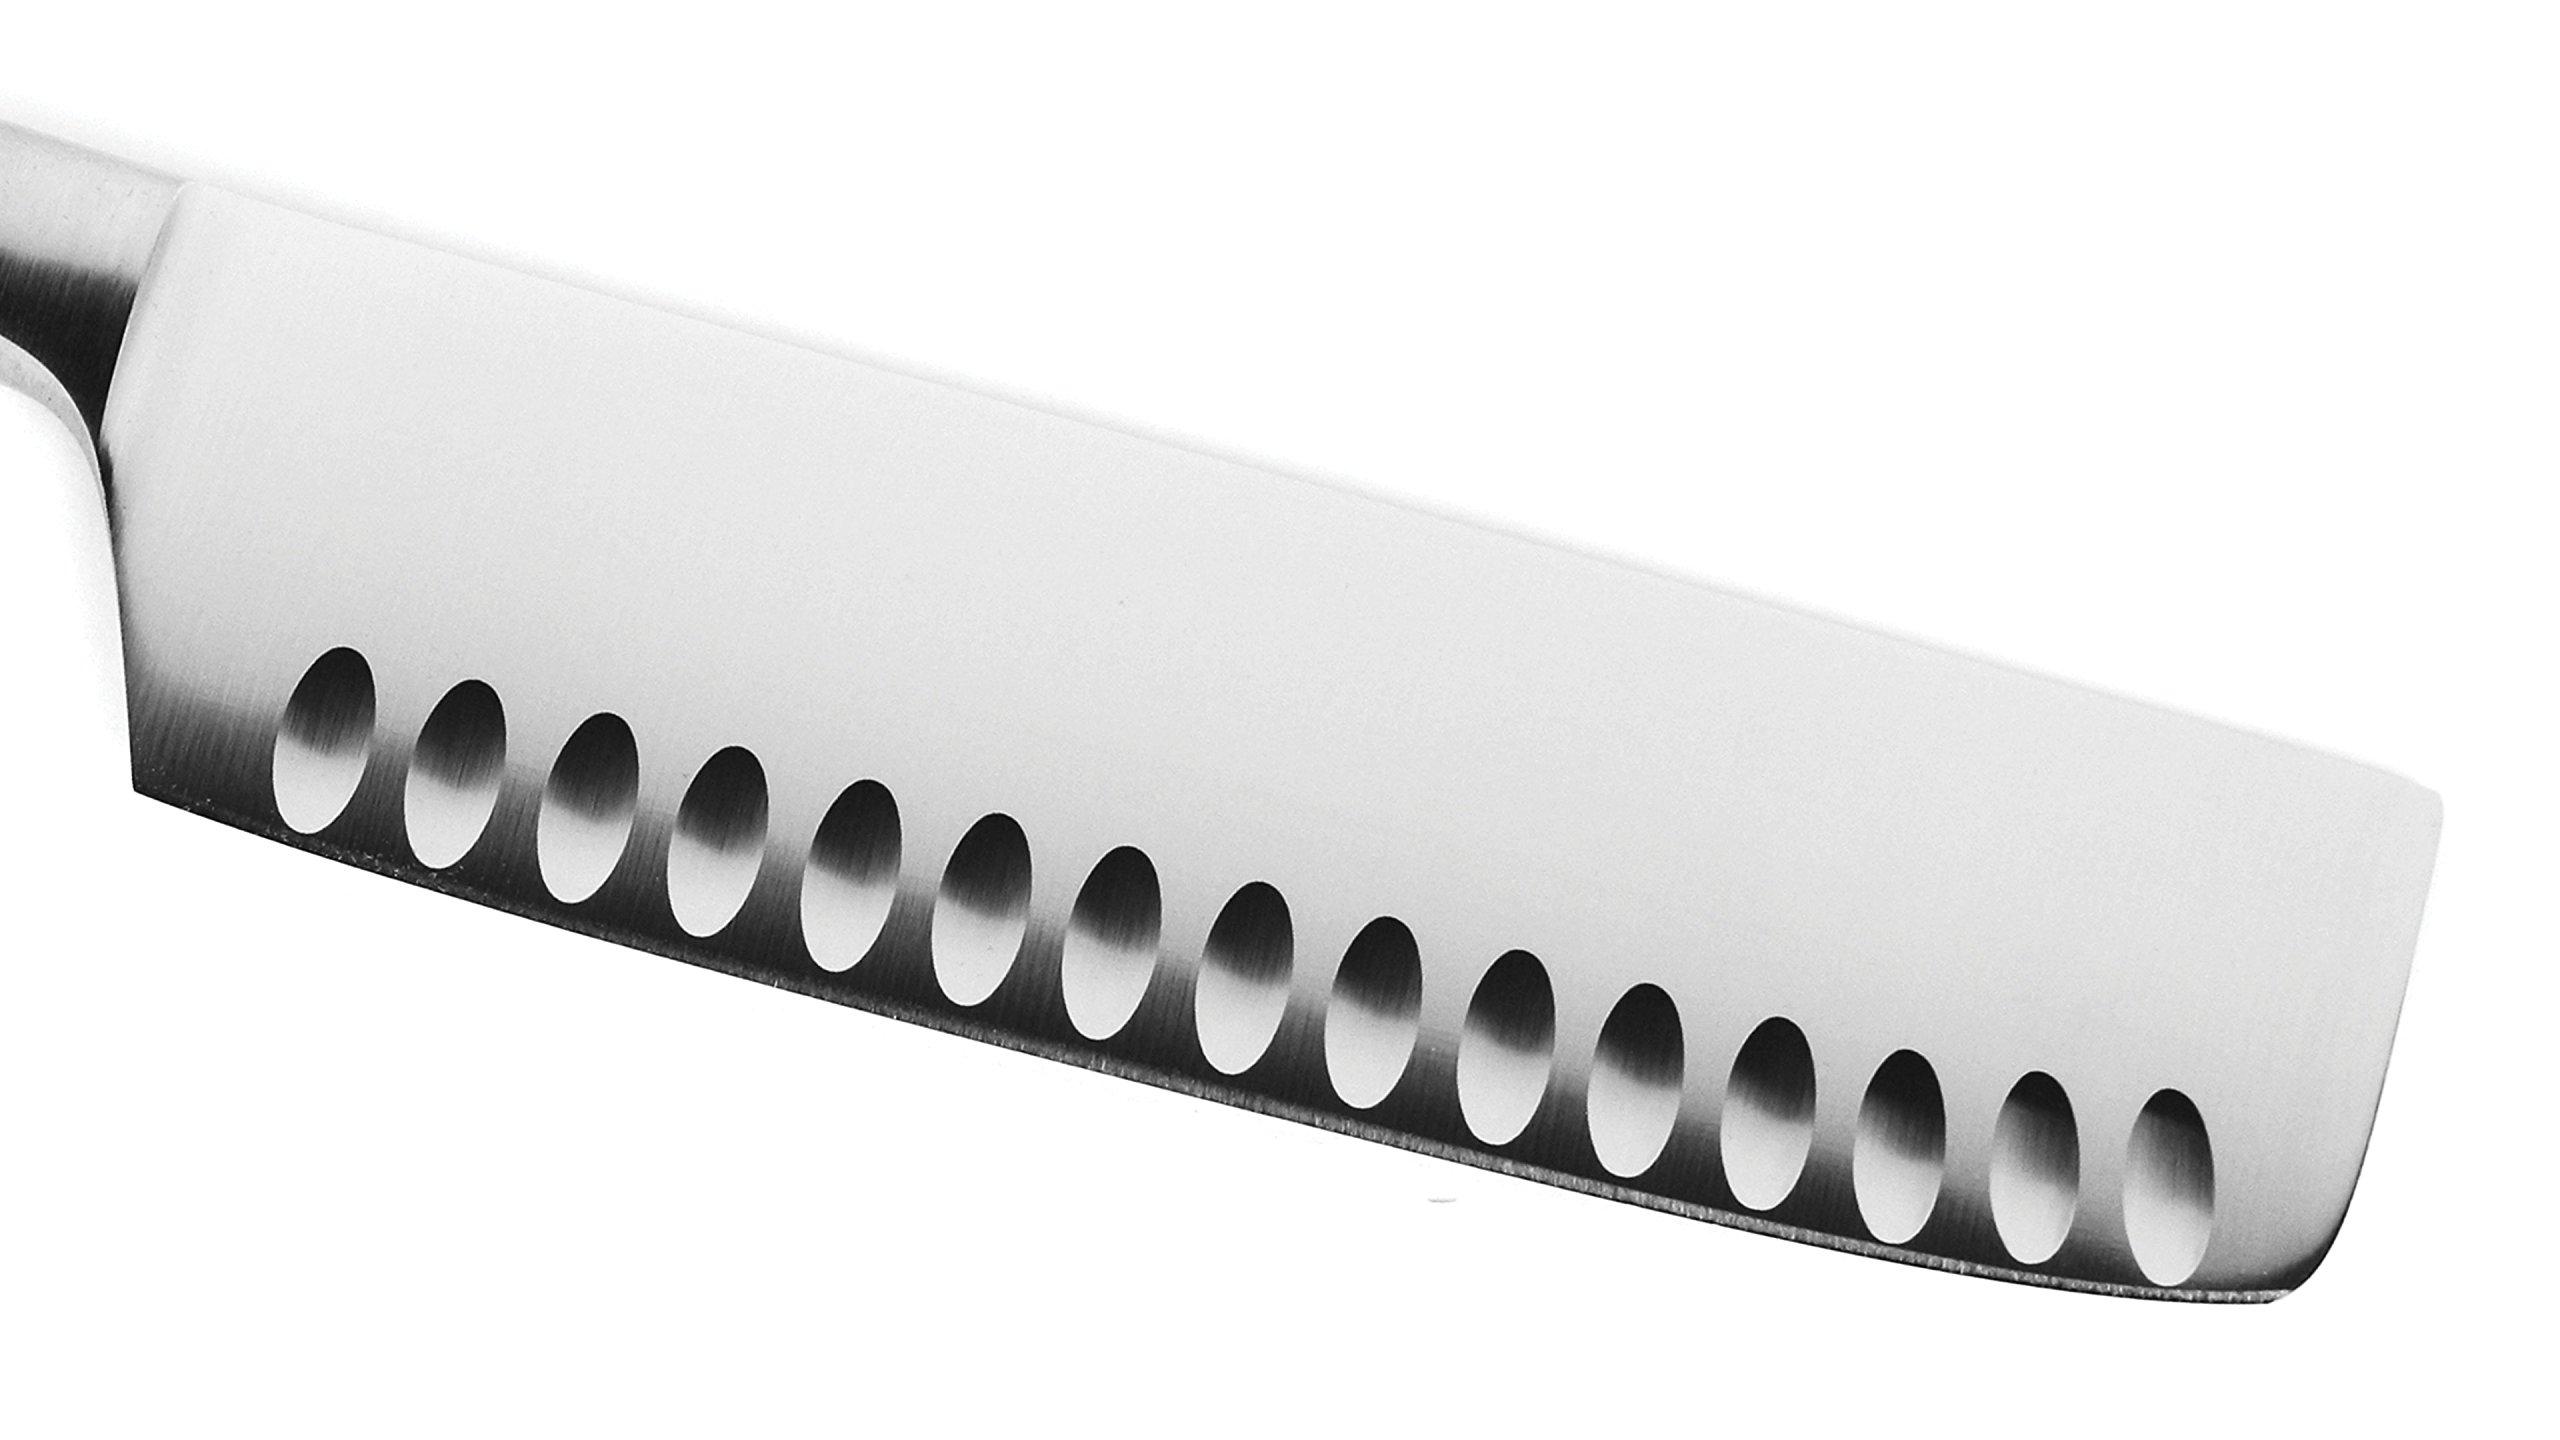 Wusthof Classic Ikon Creme 7-inch Hollow Edge Nakiri Knife, Off-white Handle by Wüsthof (Image #2)